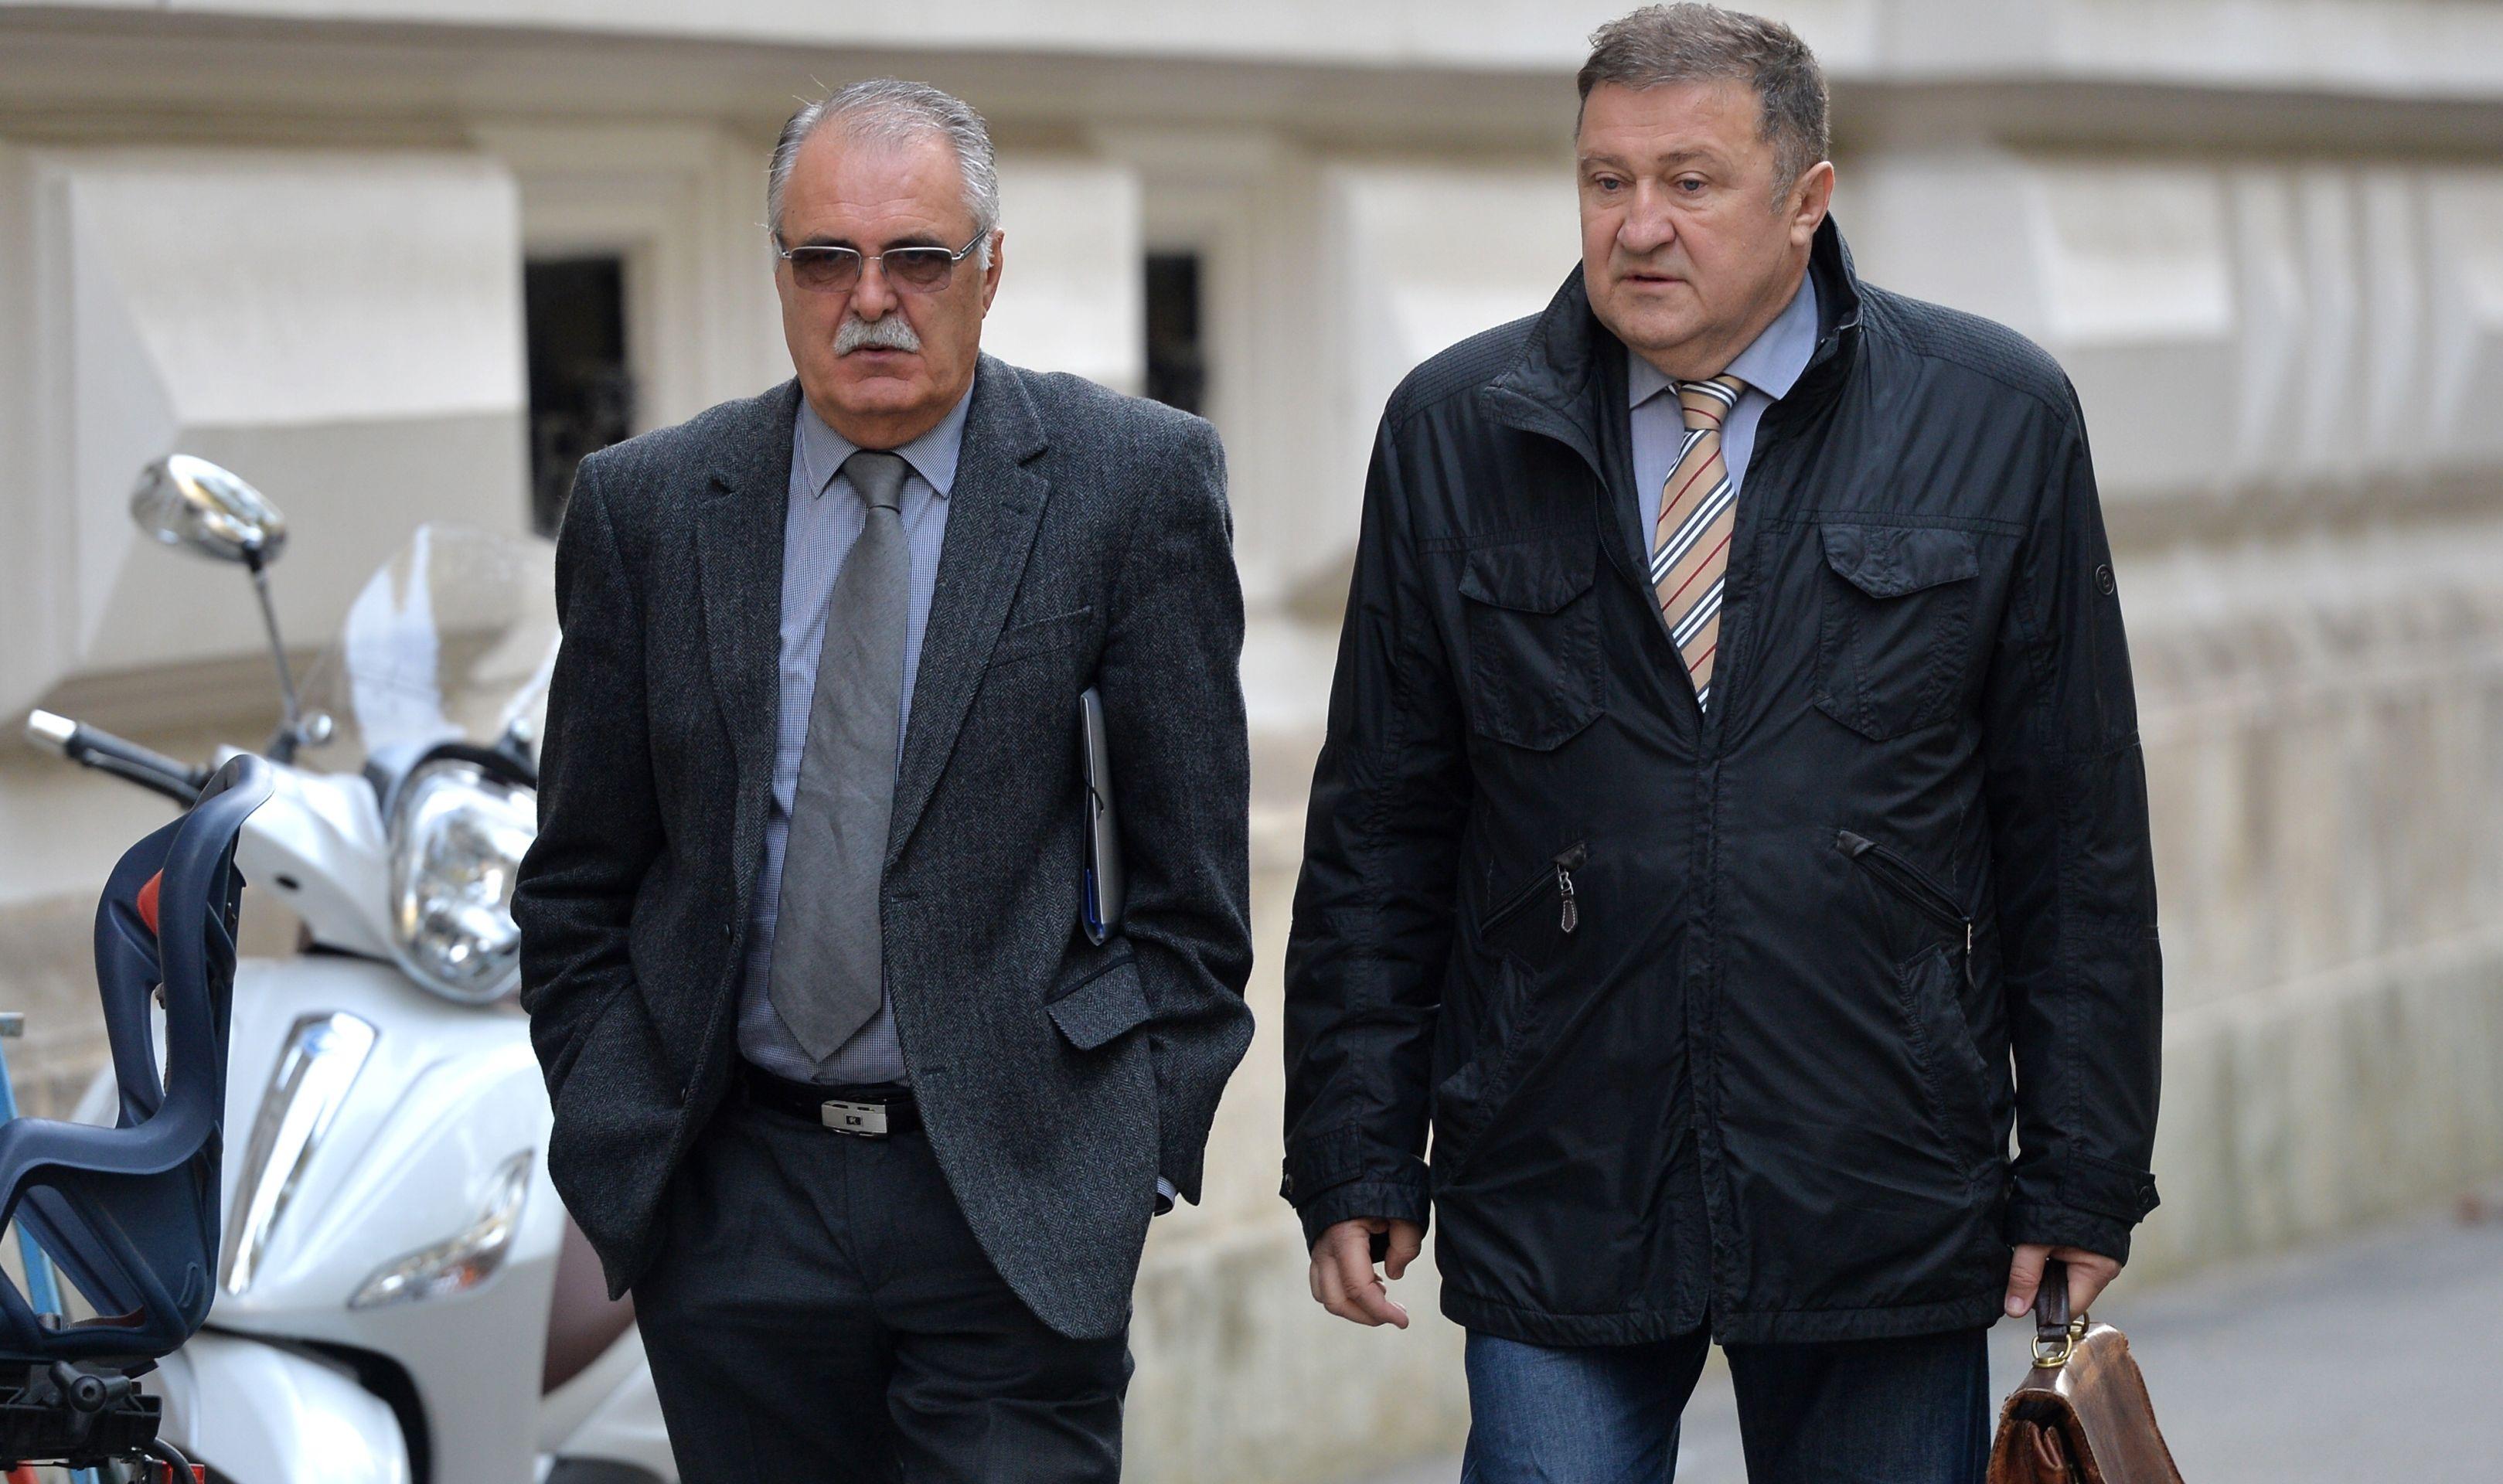 Potvrđena USKOK-ova optužnica protiv najbližeg Bandićevog suradnika